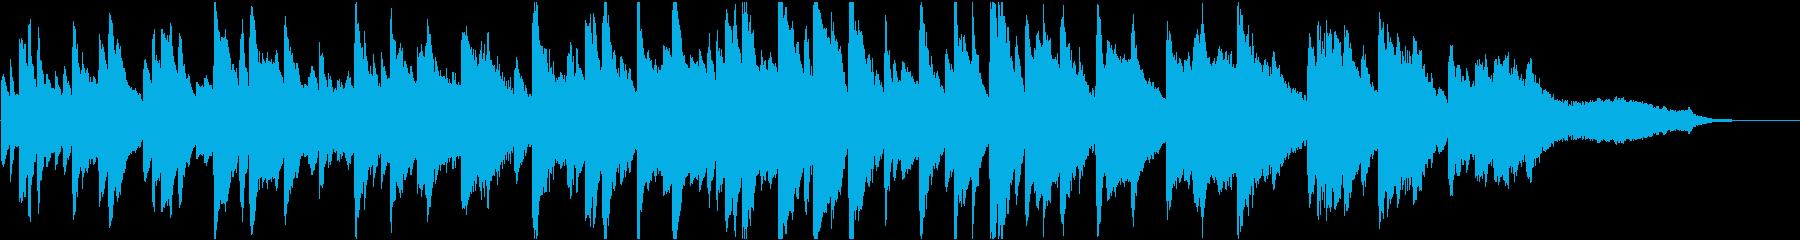 企業VP49 広告・動画・感動・ピアノの再生済みの波形